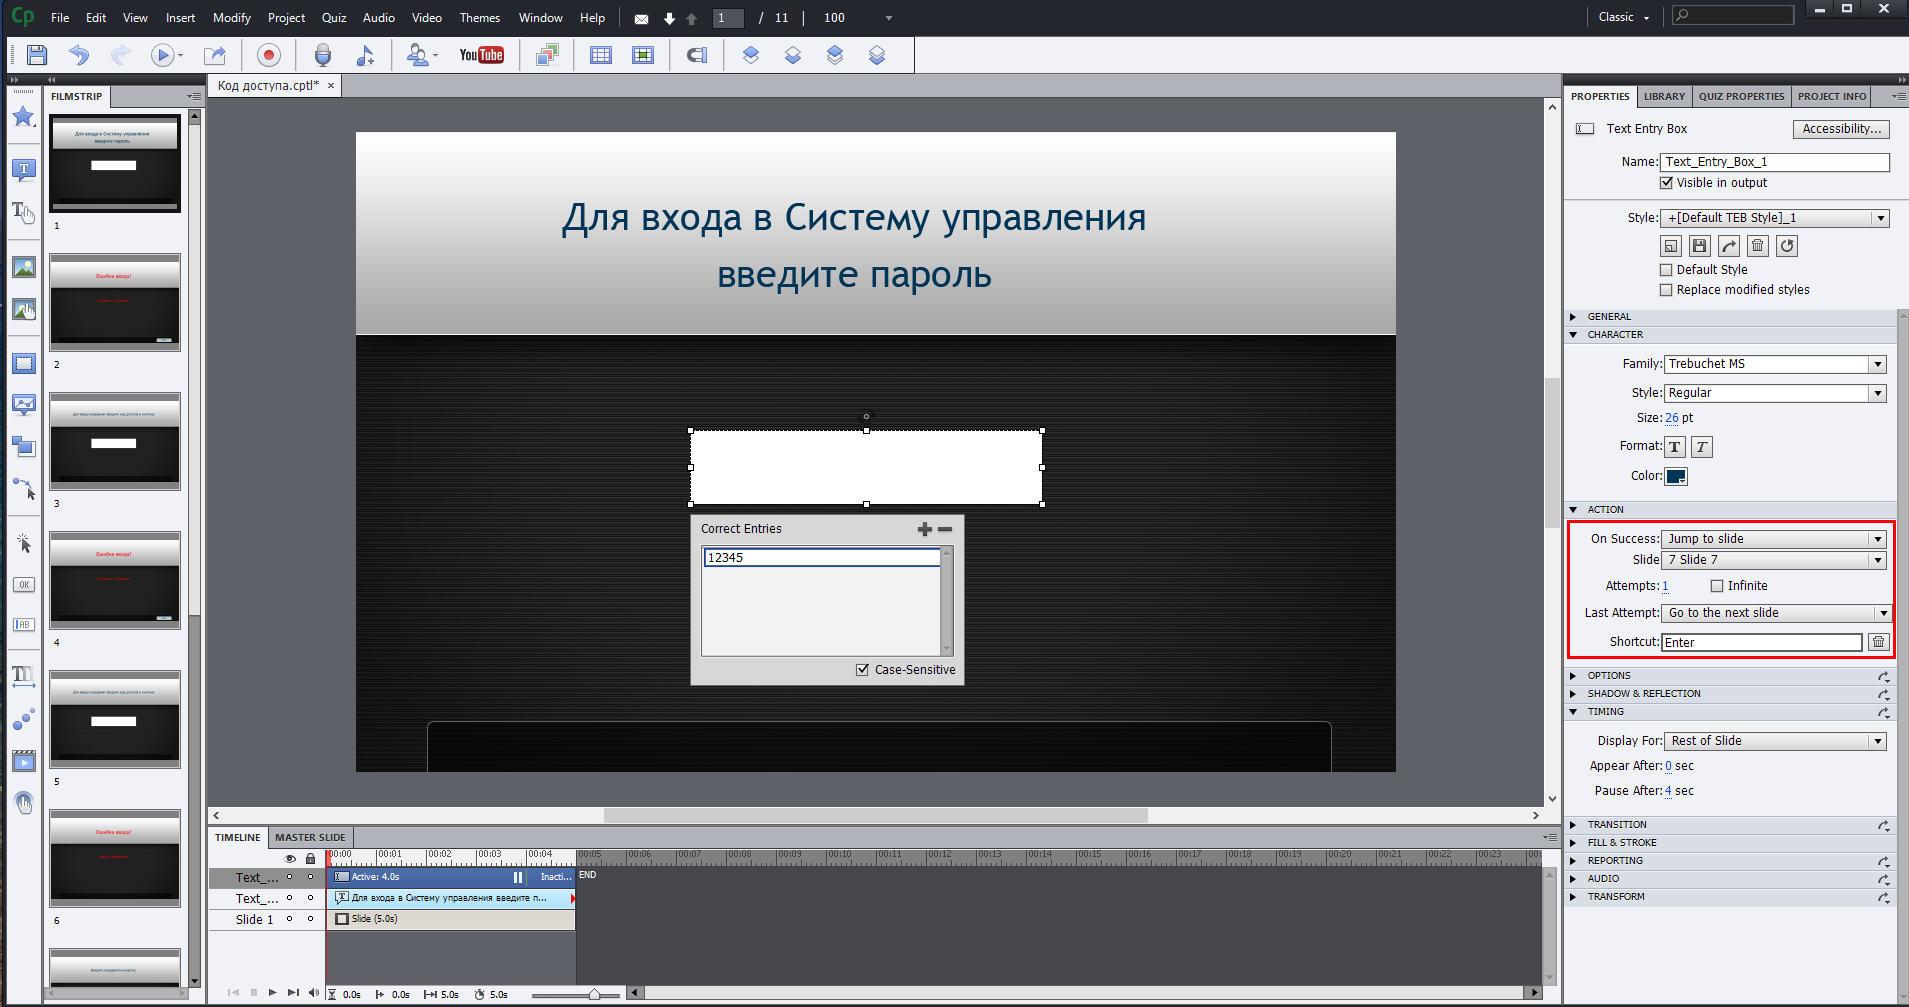 Создание проекта в Adobe Captivate поэтапно на примере «модели бортового компьютера» для ролевой игры живого действия - 4